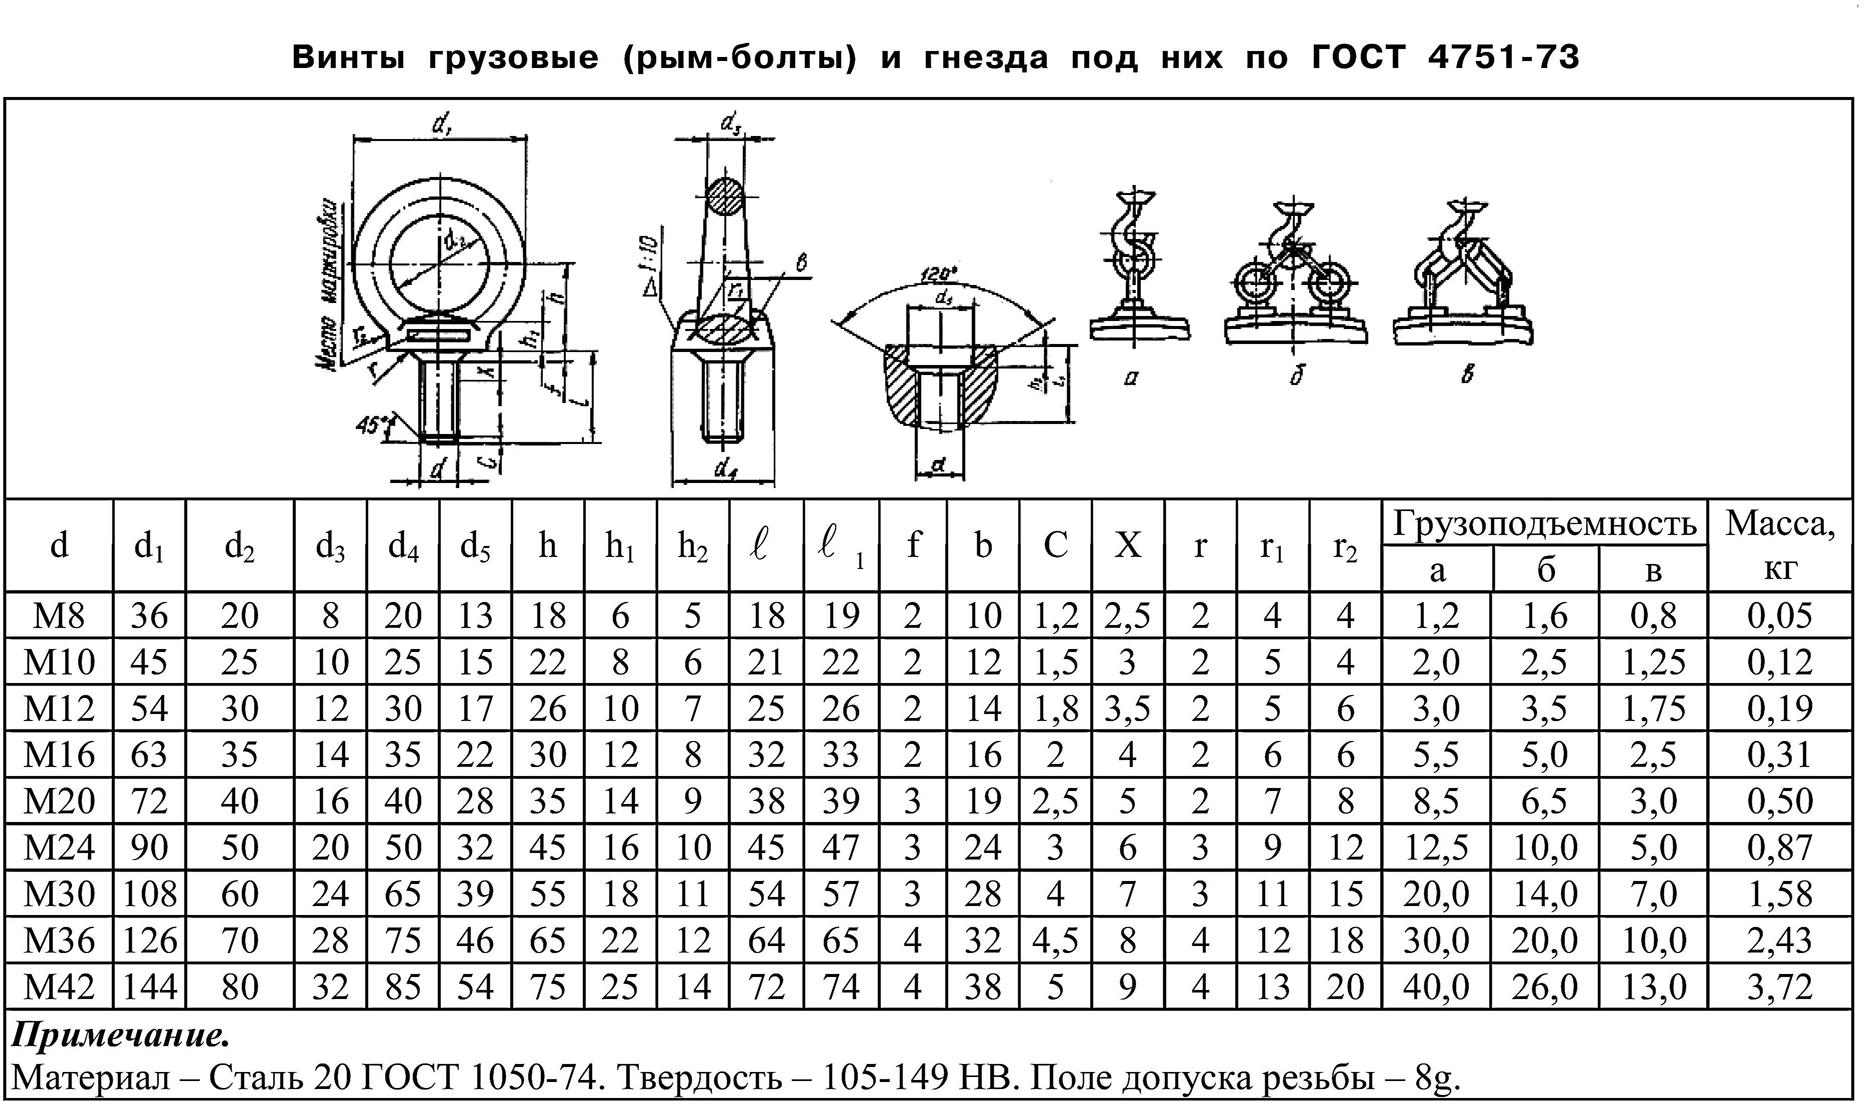 Винты грузовые (рым-болты) и гнезда под них по ГОСТ 4751-73